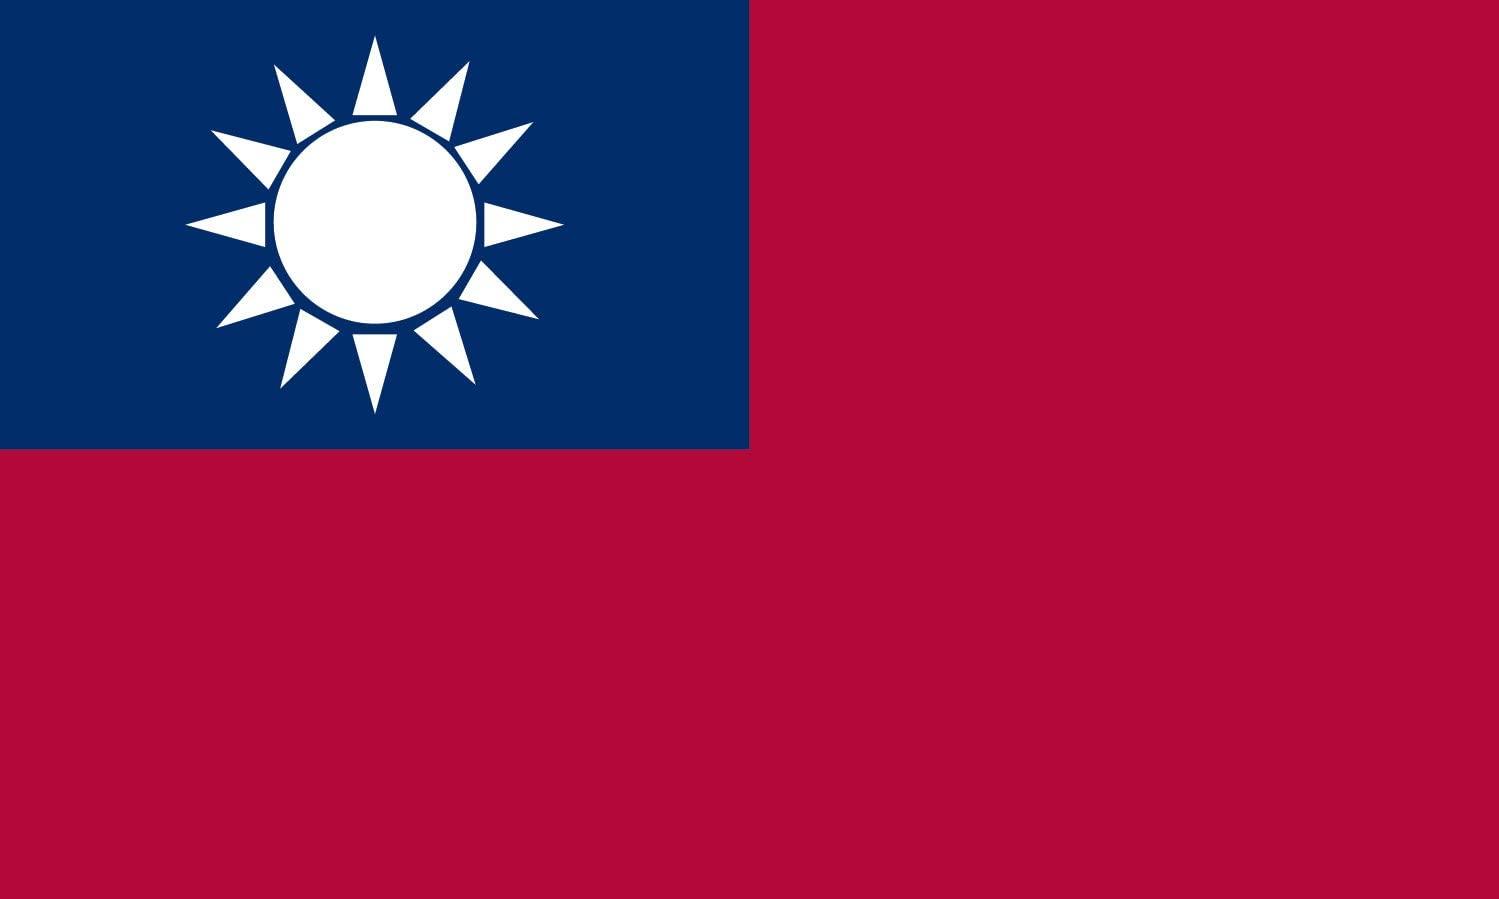 Bocoran Togel Taiwan Minggu, 01 Agustus 2021